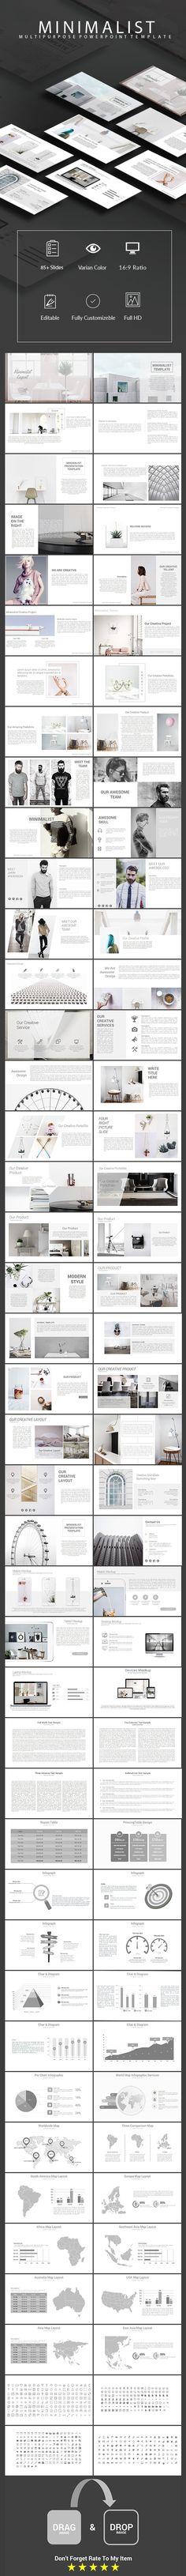 Minimalist - Multipurpose Powerpoint Template (PowerPoint Templates)